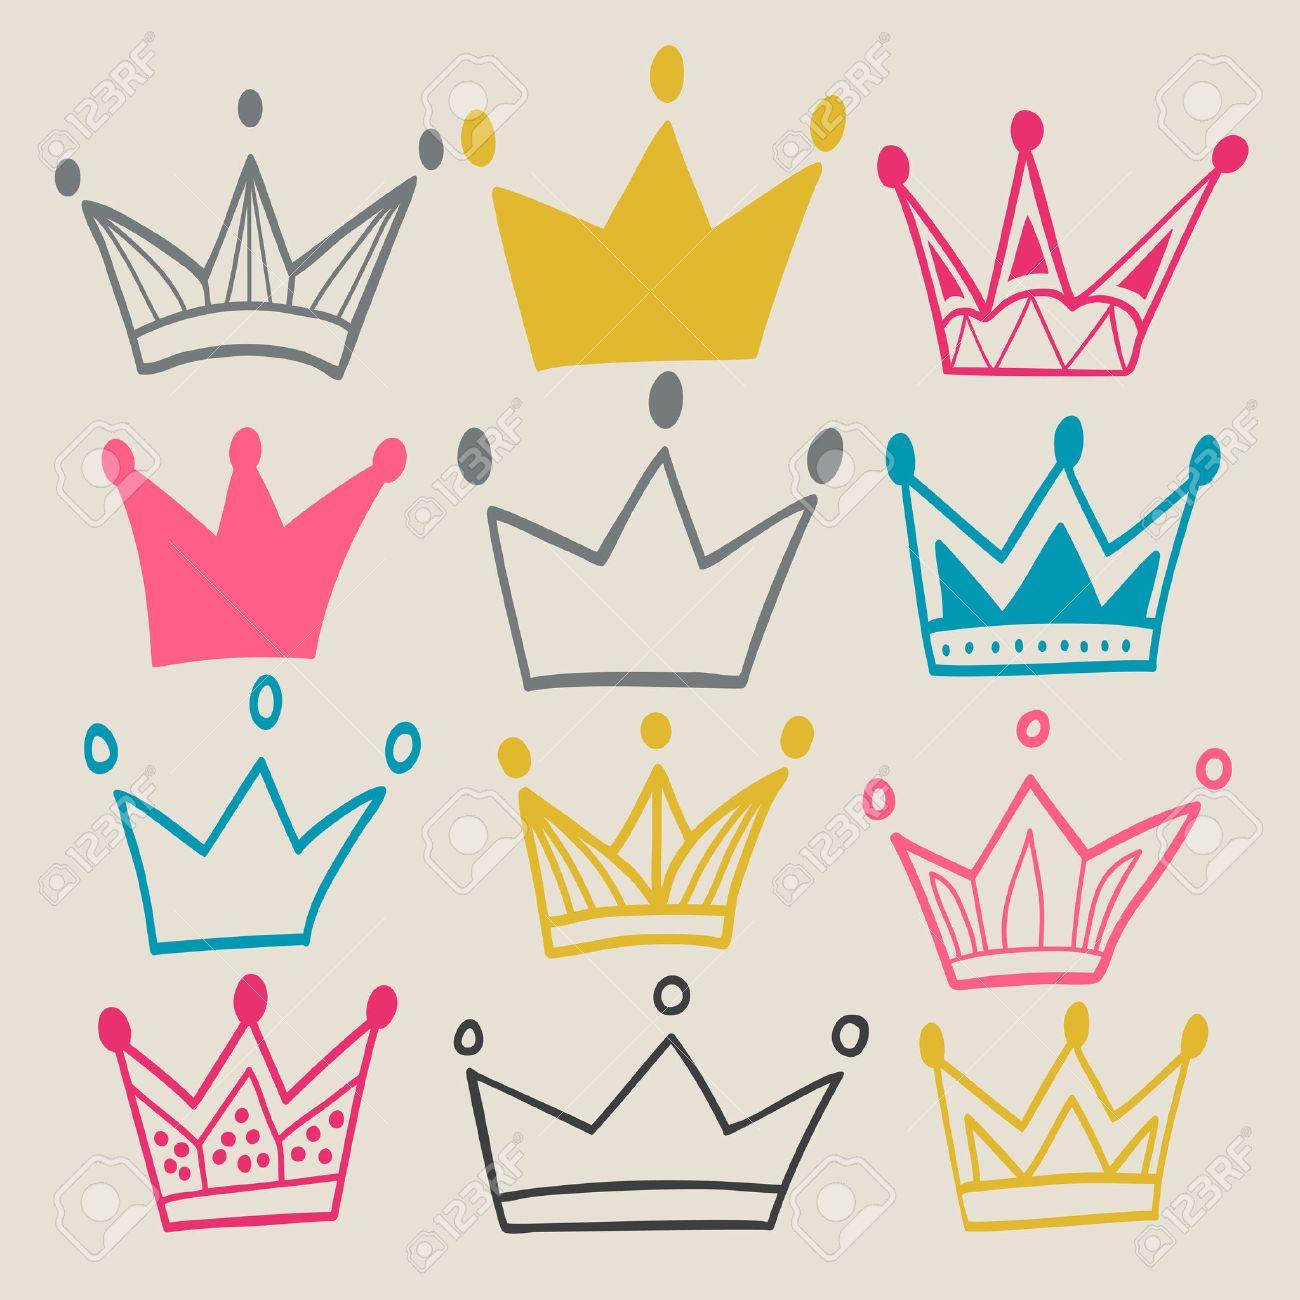 かわいい漫画の王冠のセットですパステル調の背景鮮やかな色あなた